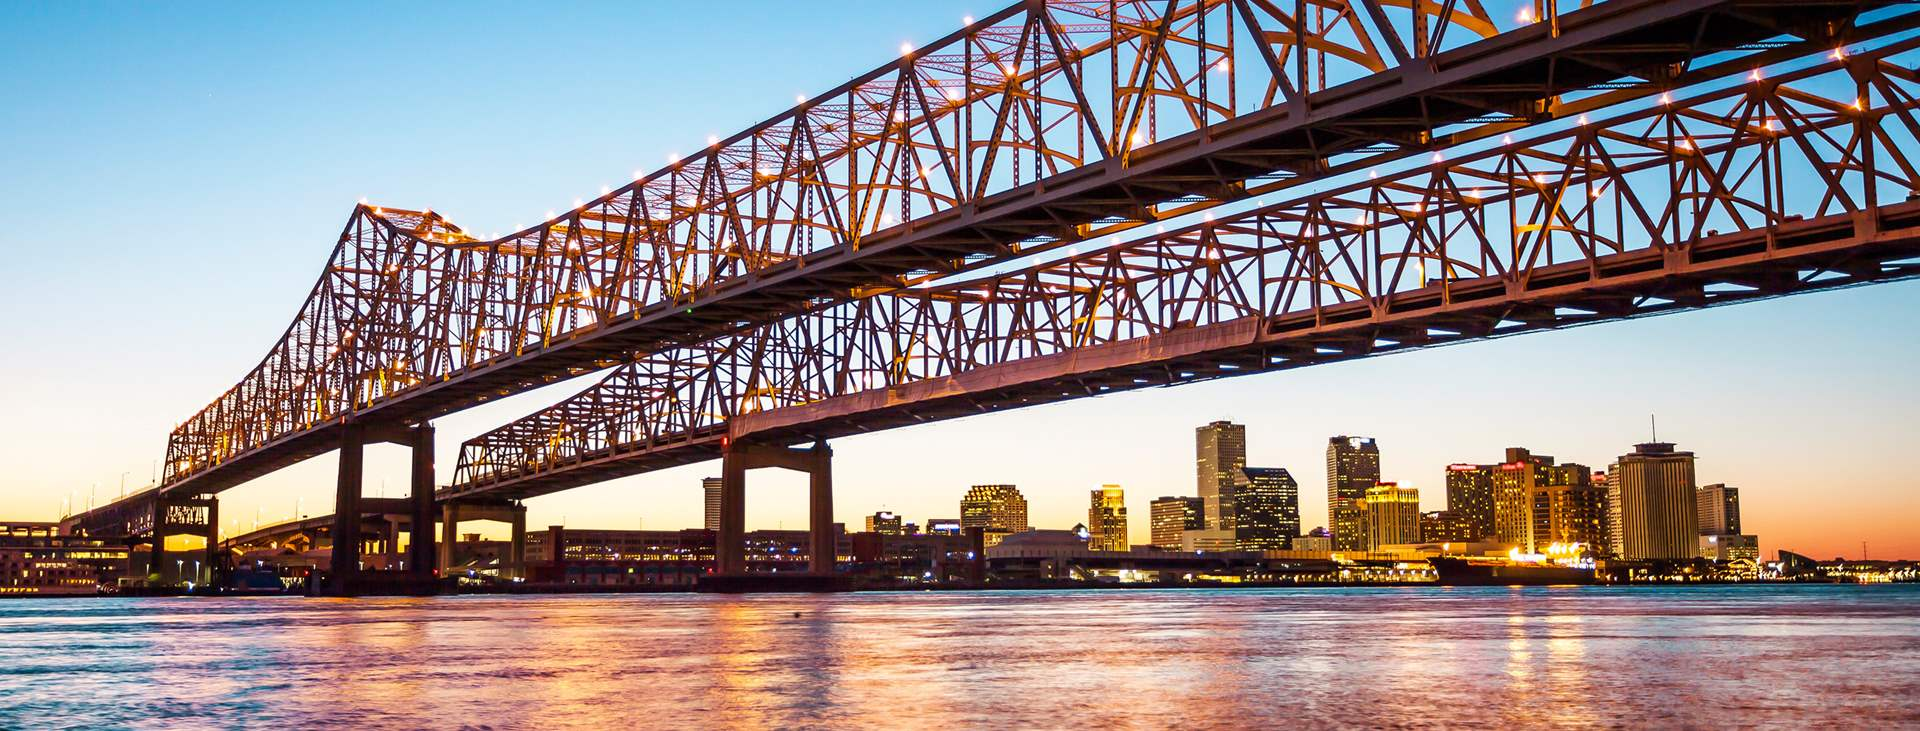 Boka en resa till New Orleans i USA med Ving